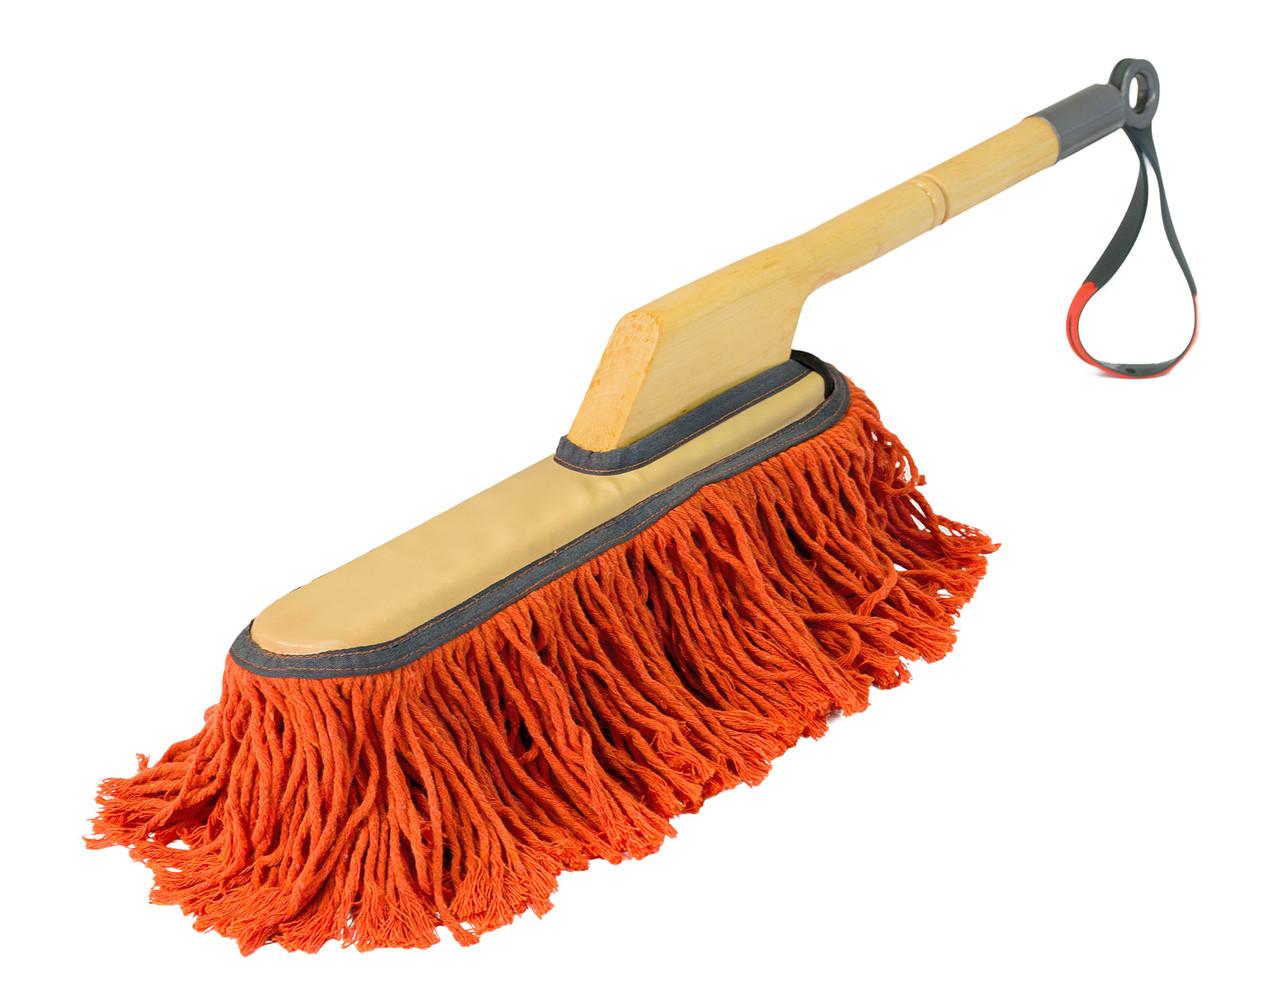 40585 Щетка для уборки пыли в чехле 65 см - Flexipads Californication Car Duster